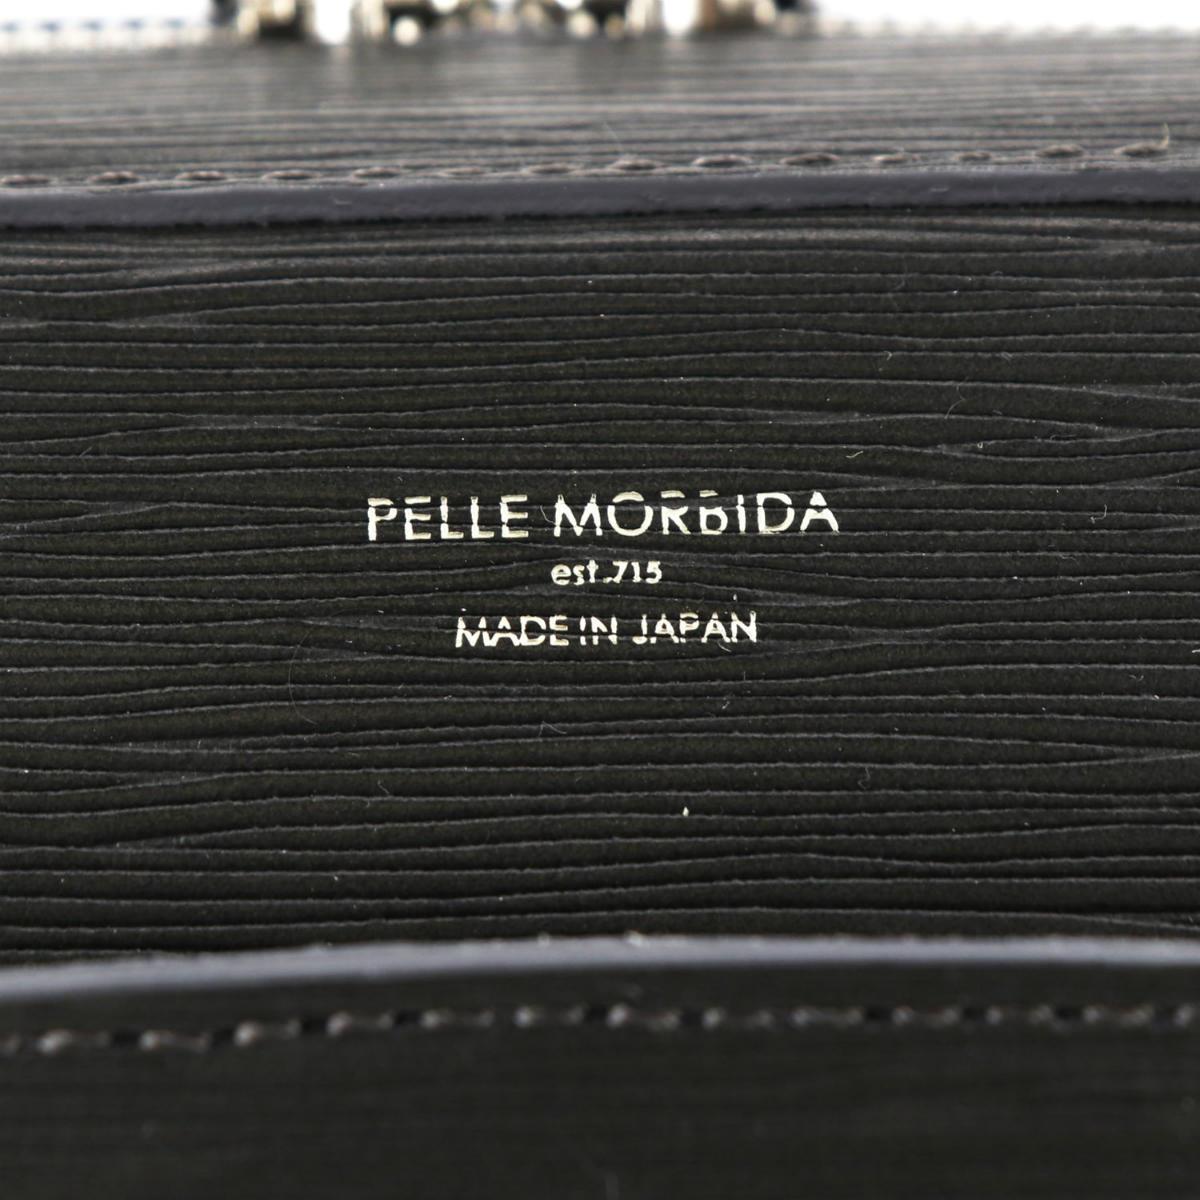 ペッレモルビダ PELLE MORBIDA CAPITANO キャピターノ 型押しレザー 2WAY ブリーフバッグ PMO-CA208 PMO CGRY(チャコール) 春夏新作